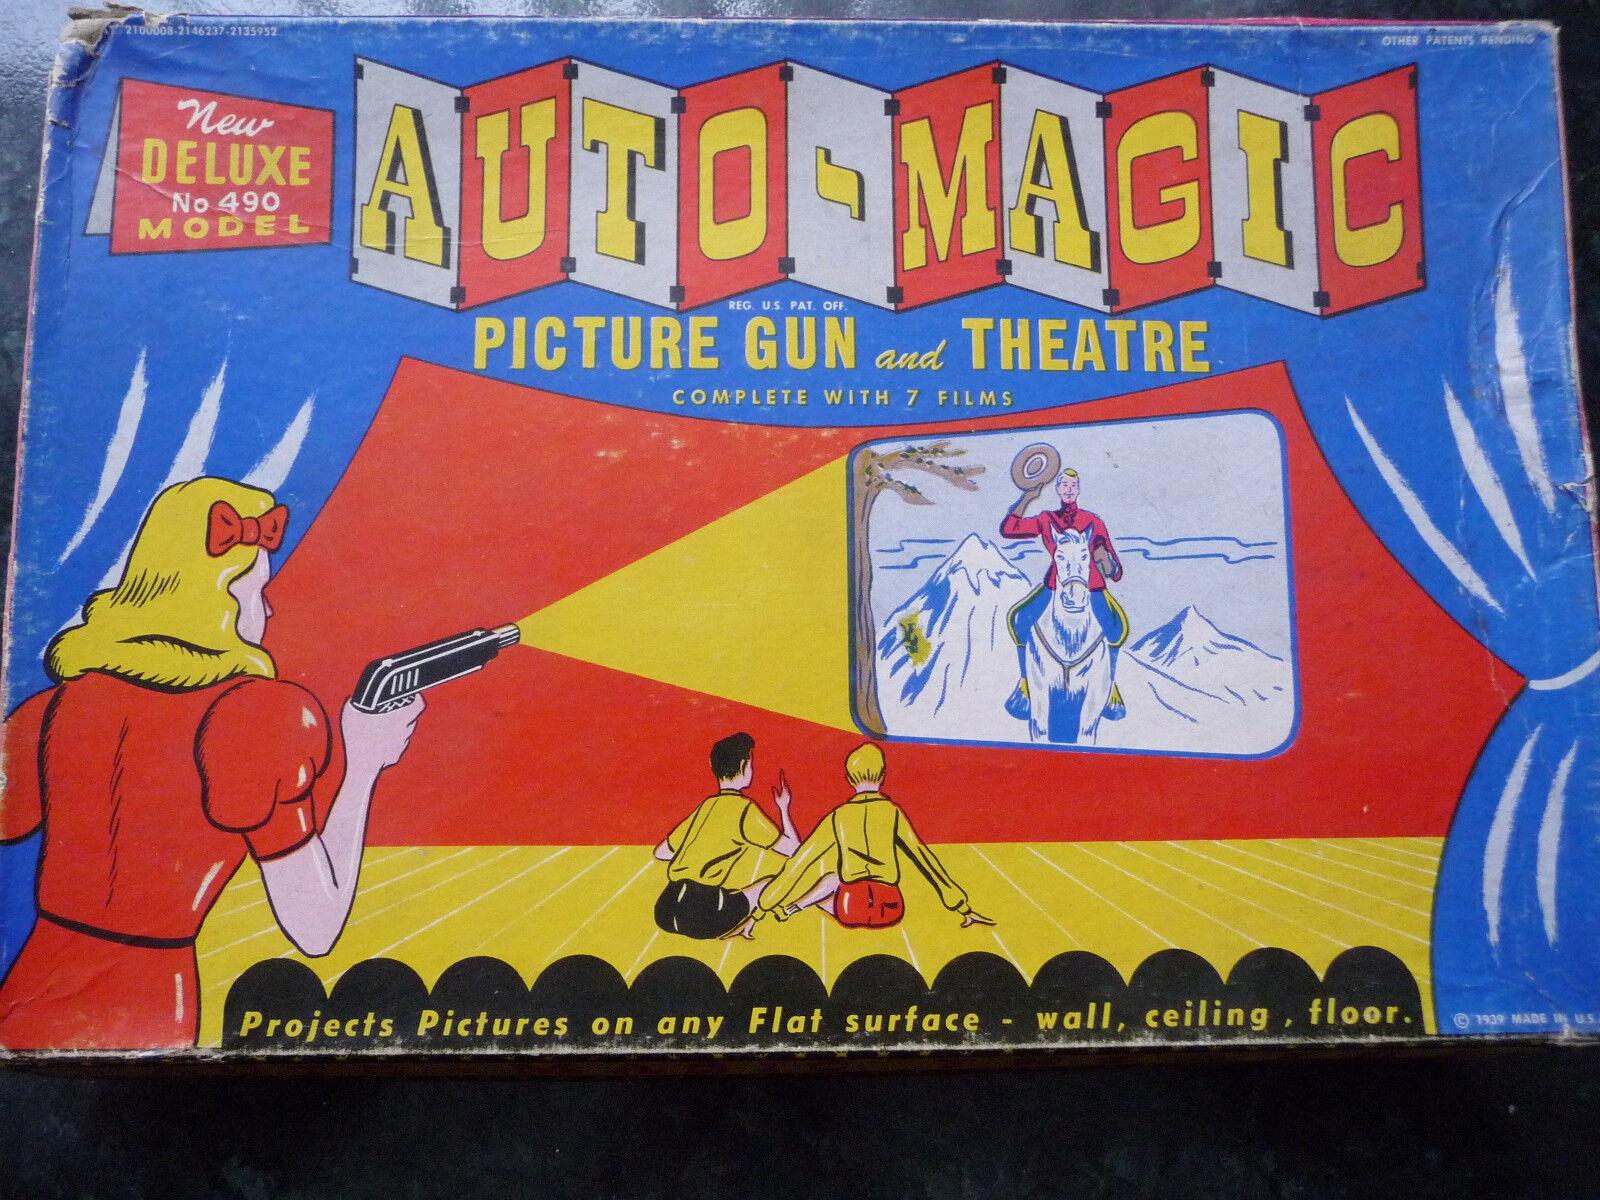 RARE Auto-Magic Picture Gun & Theatre toy set; 1939 Original Deluxe 490 Model